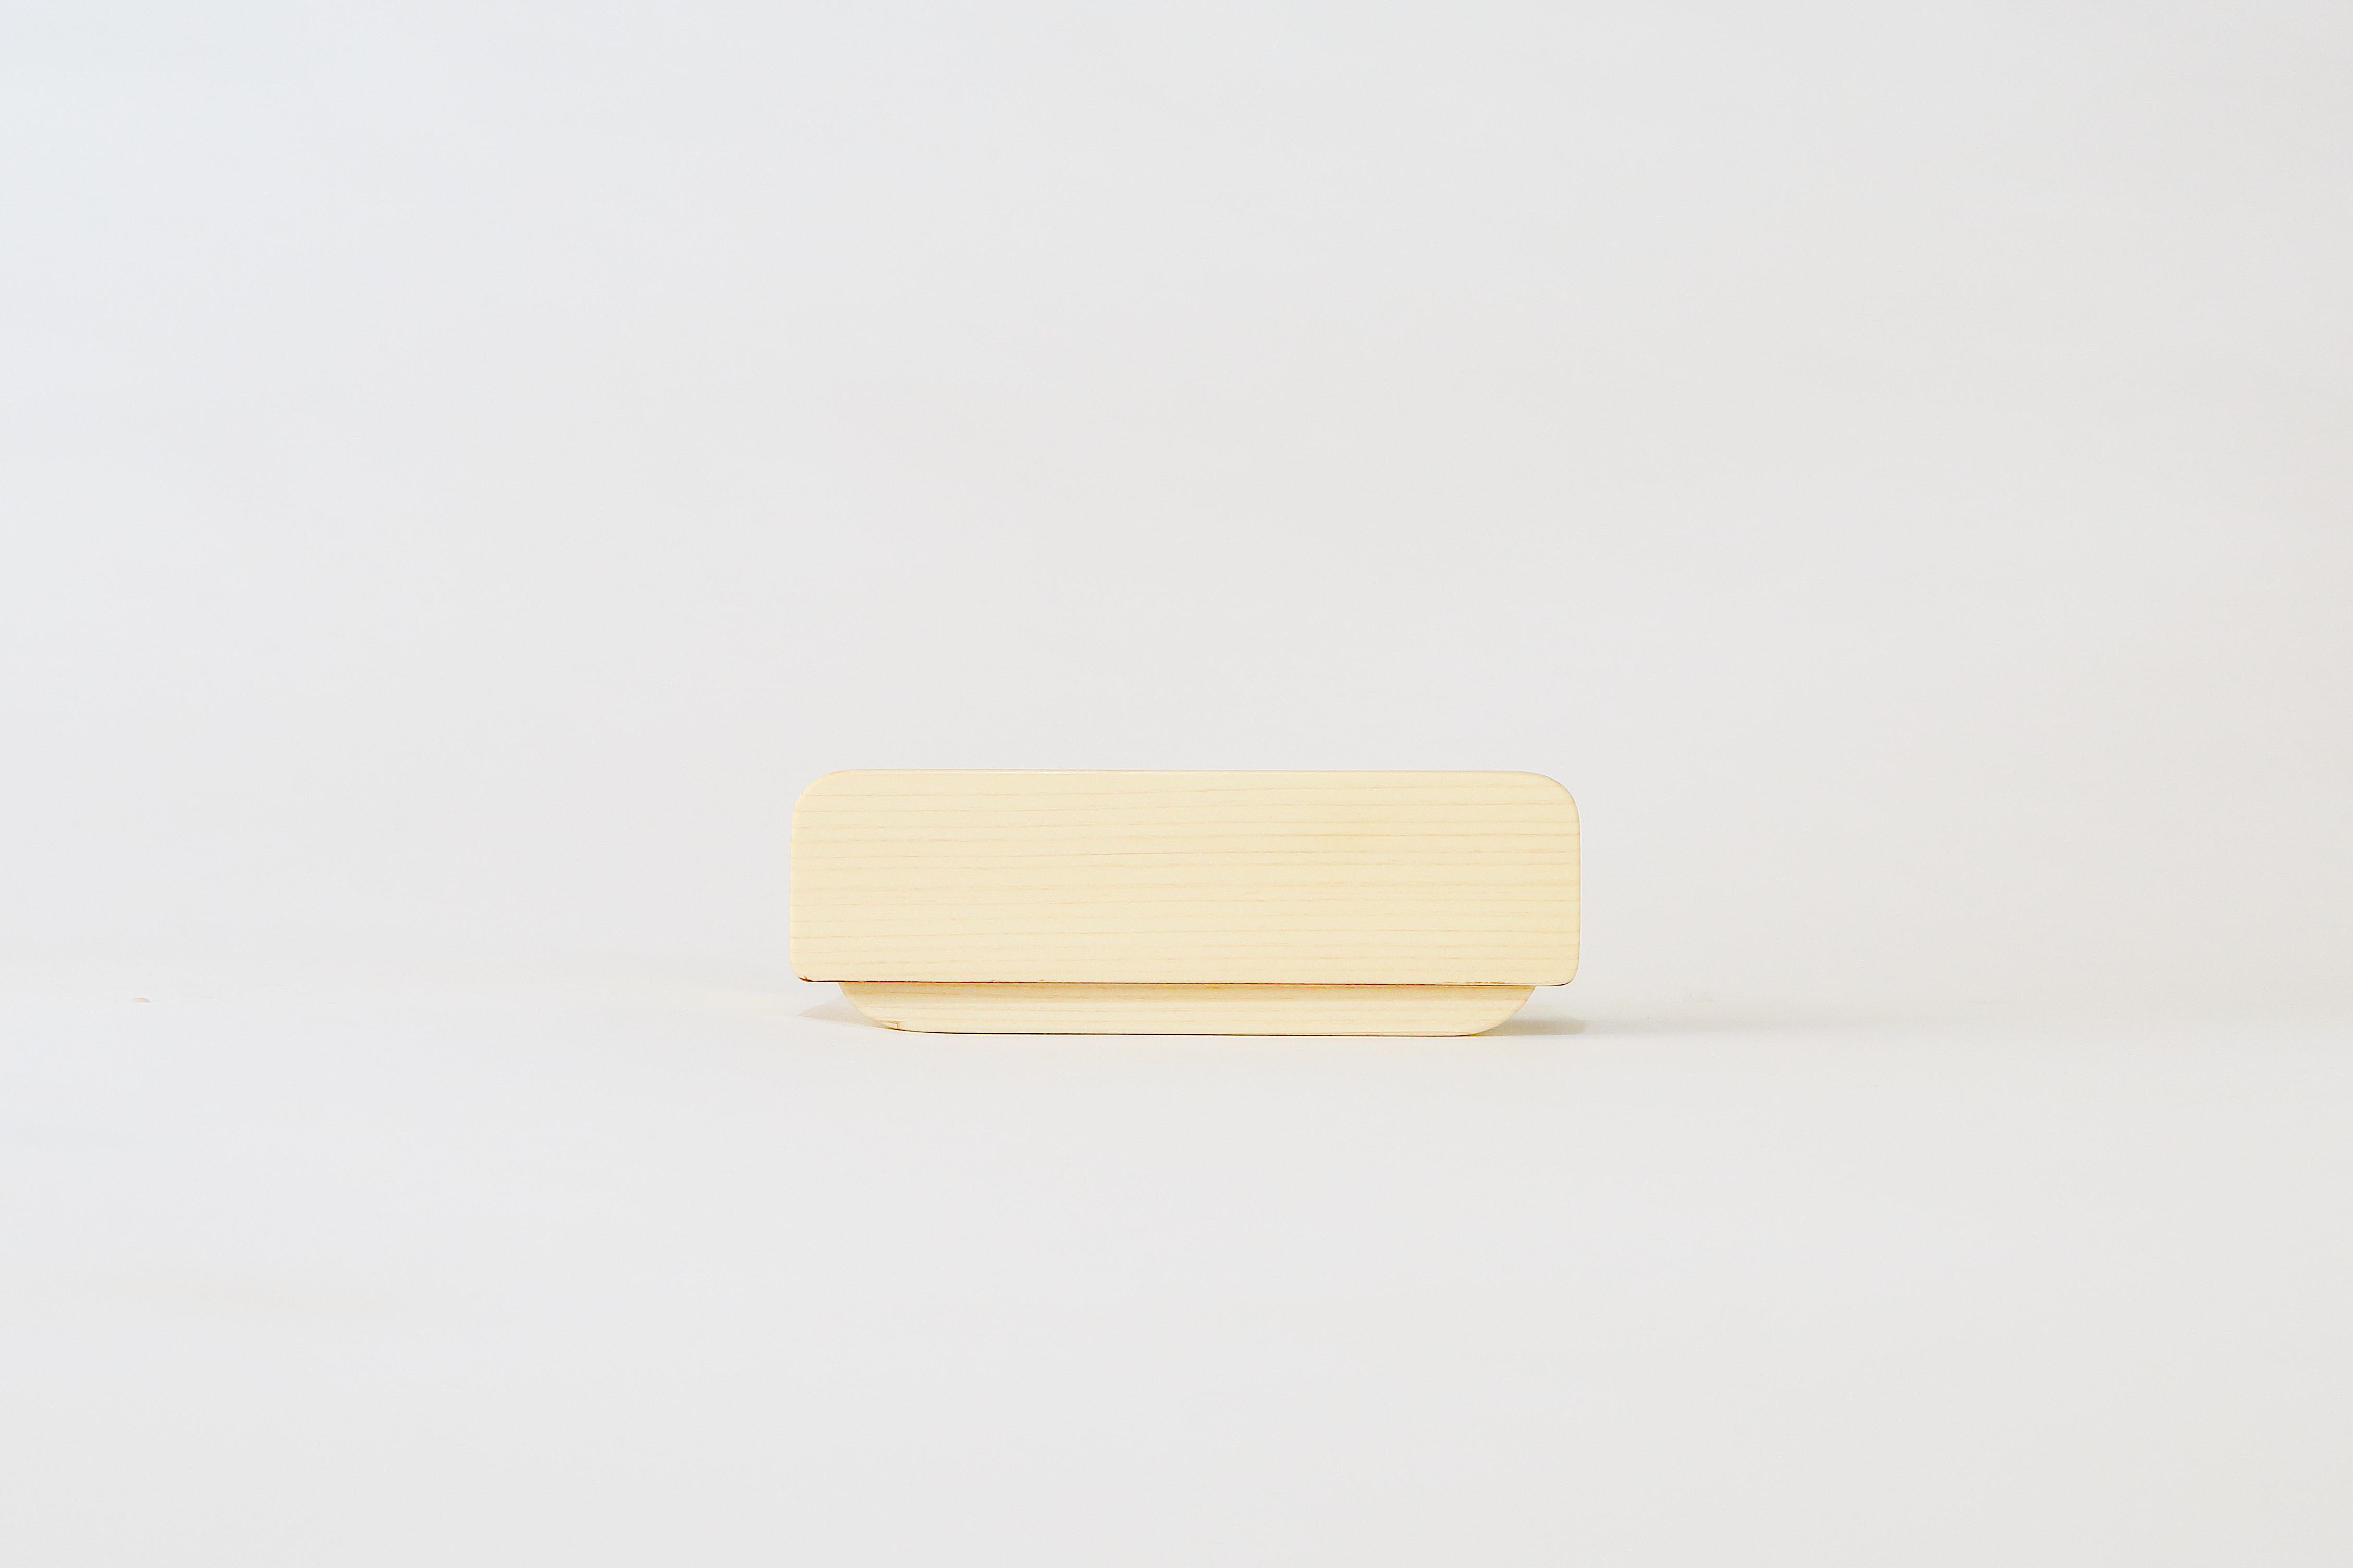 かぶせ弁当箱 ひのき白木仕上げ(中)